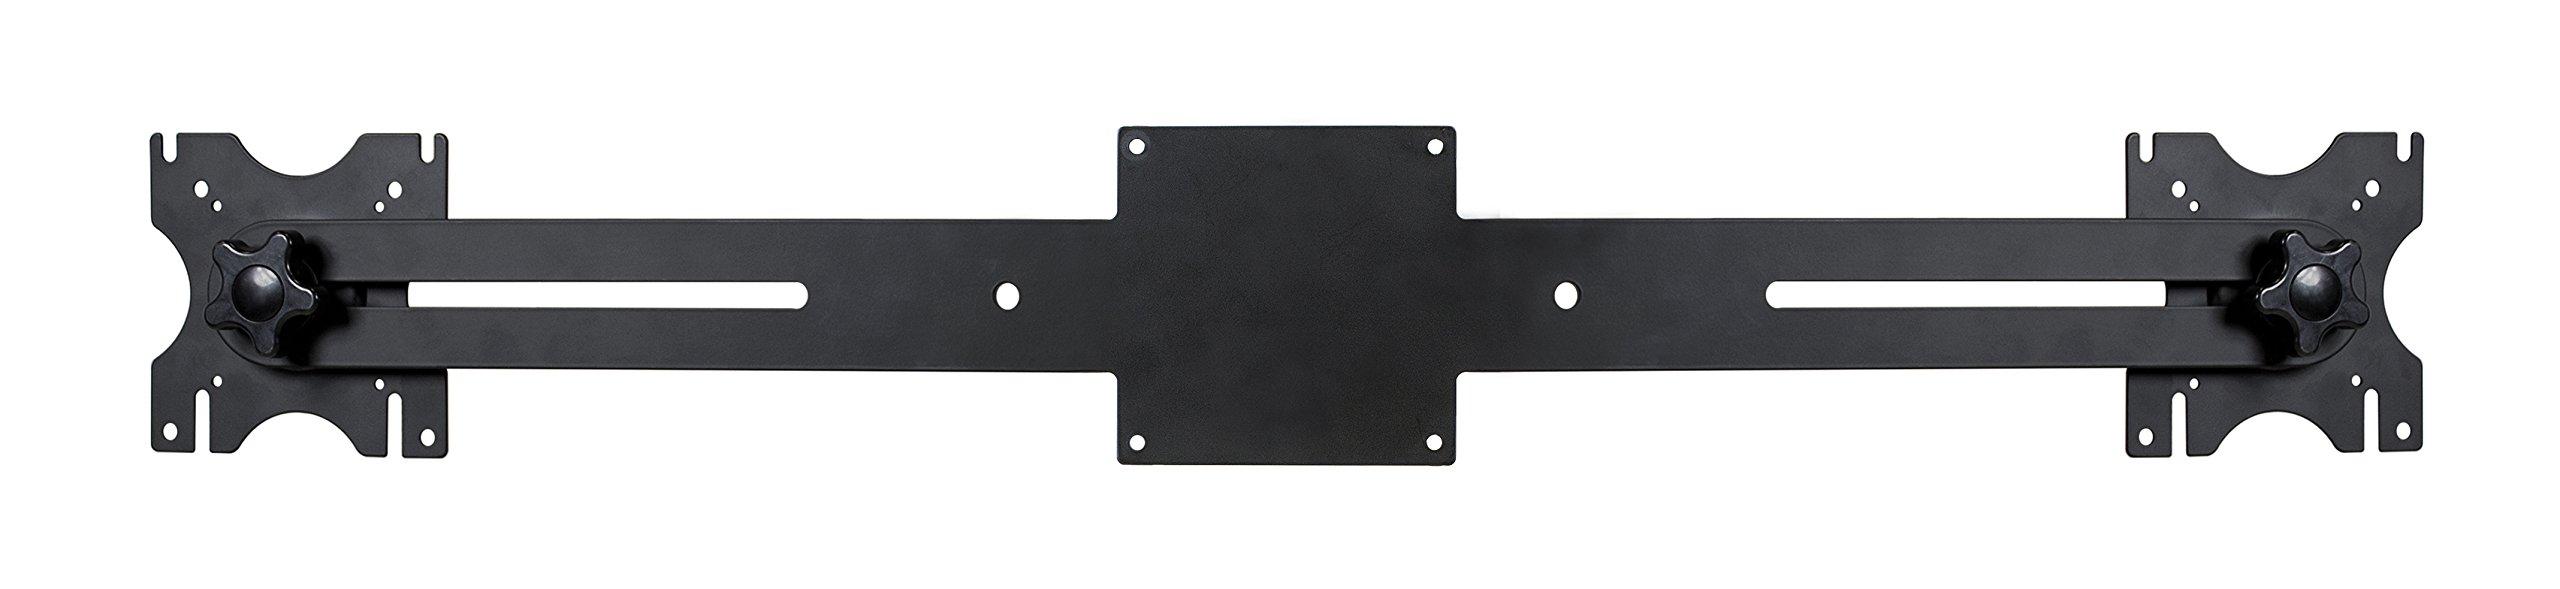 DoubleSight Universal Dual Monitor Cross Bar (DS-ExtBar)